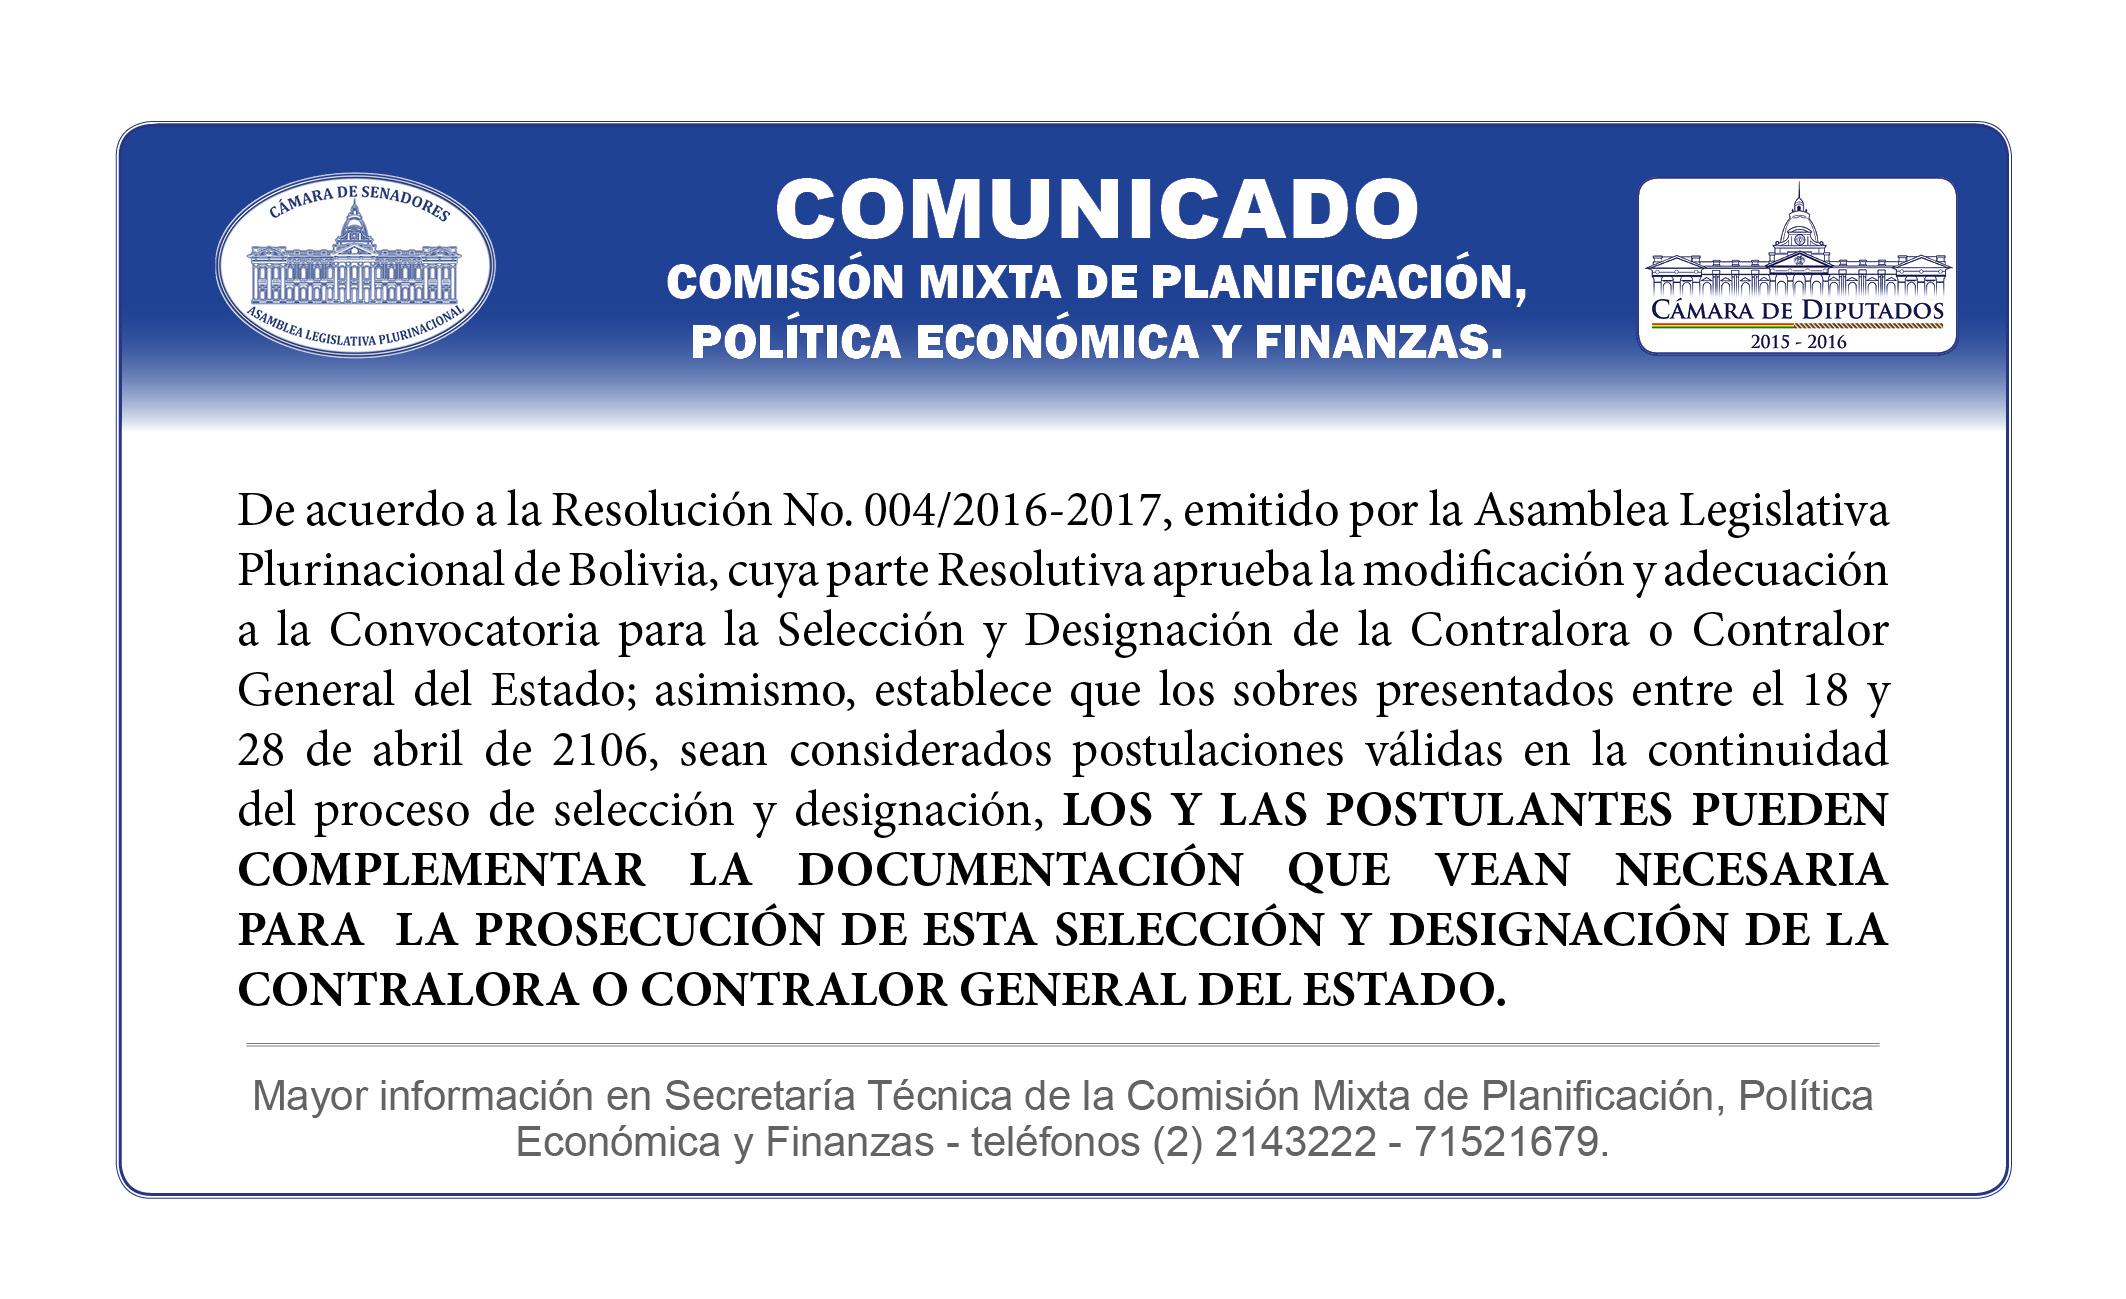 59 Postulantes a Contralor registrados hasta el 28 de abril podrán complementar documentación